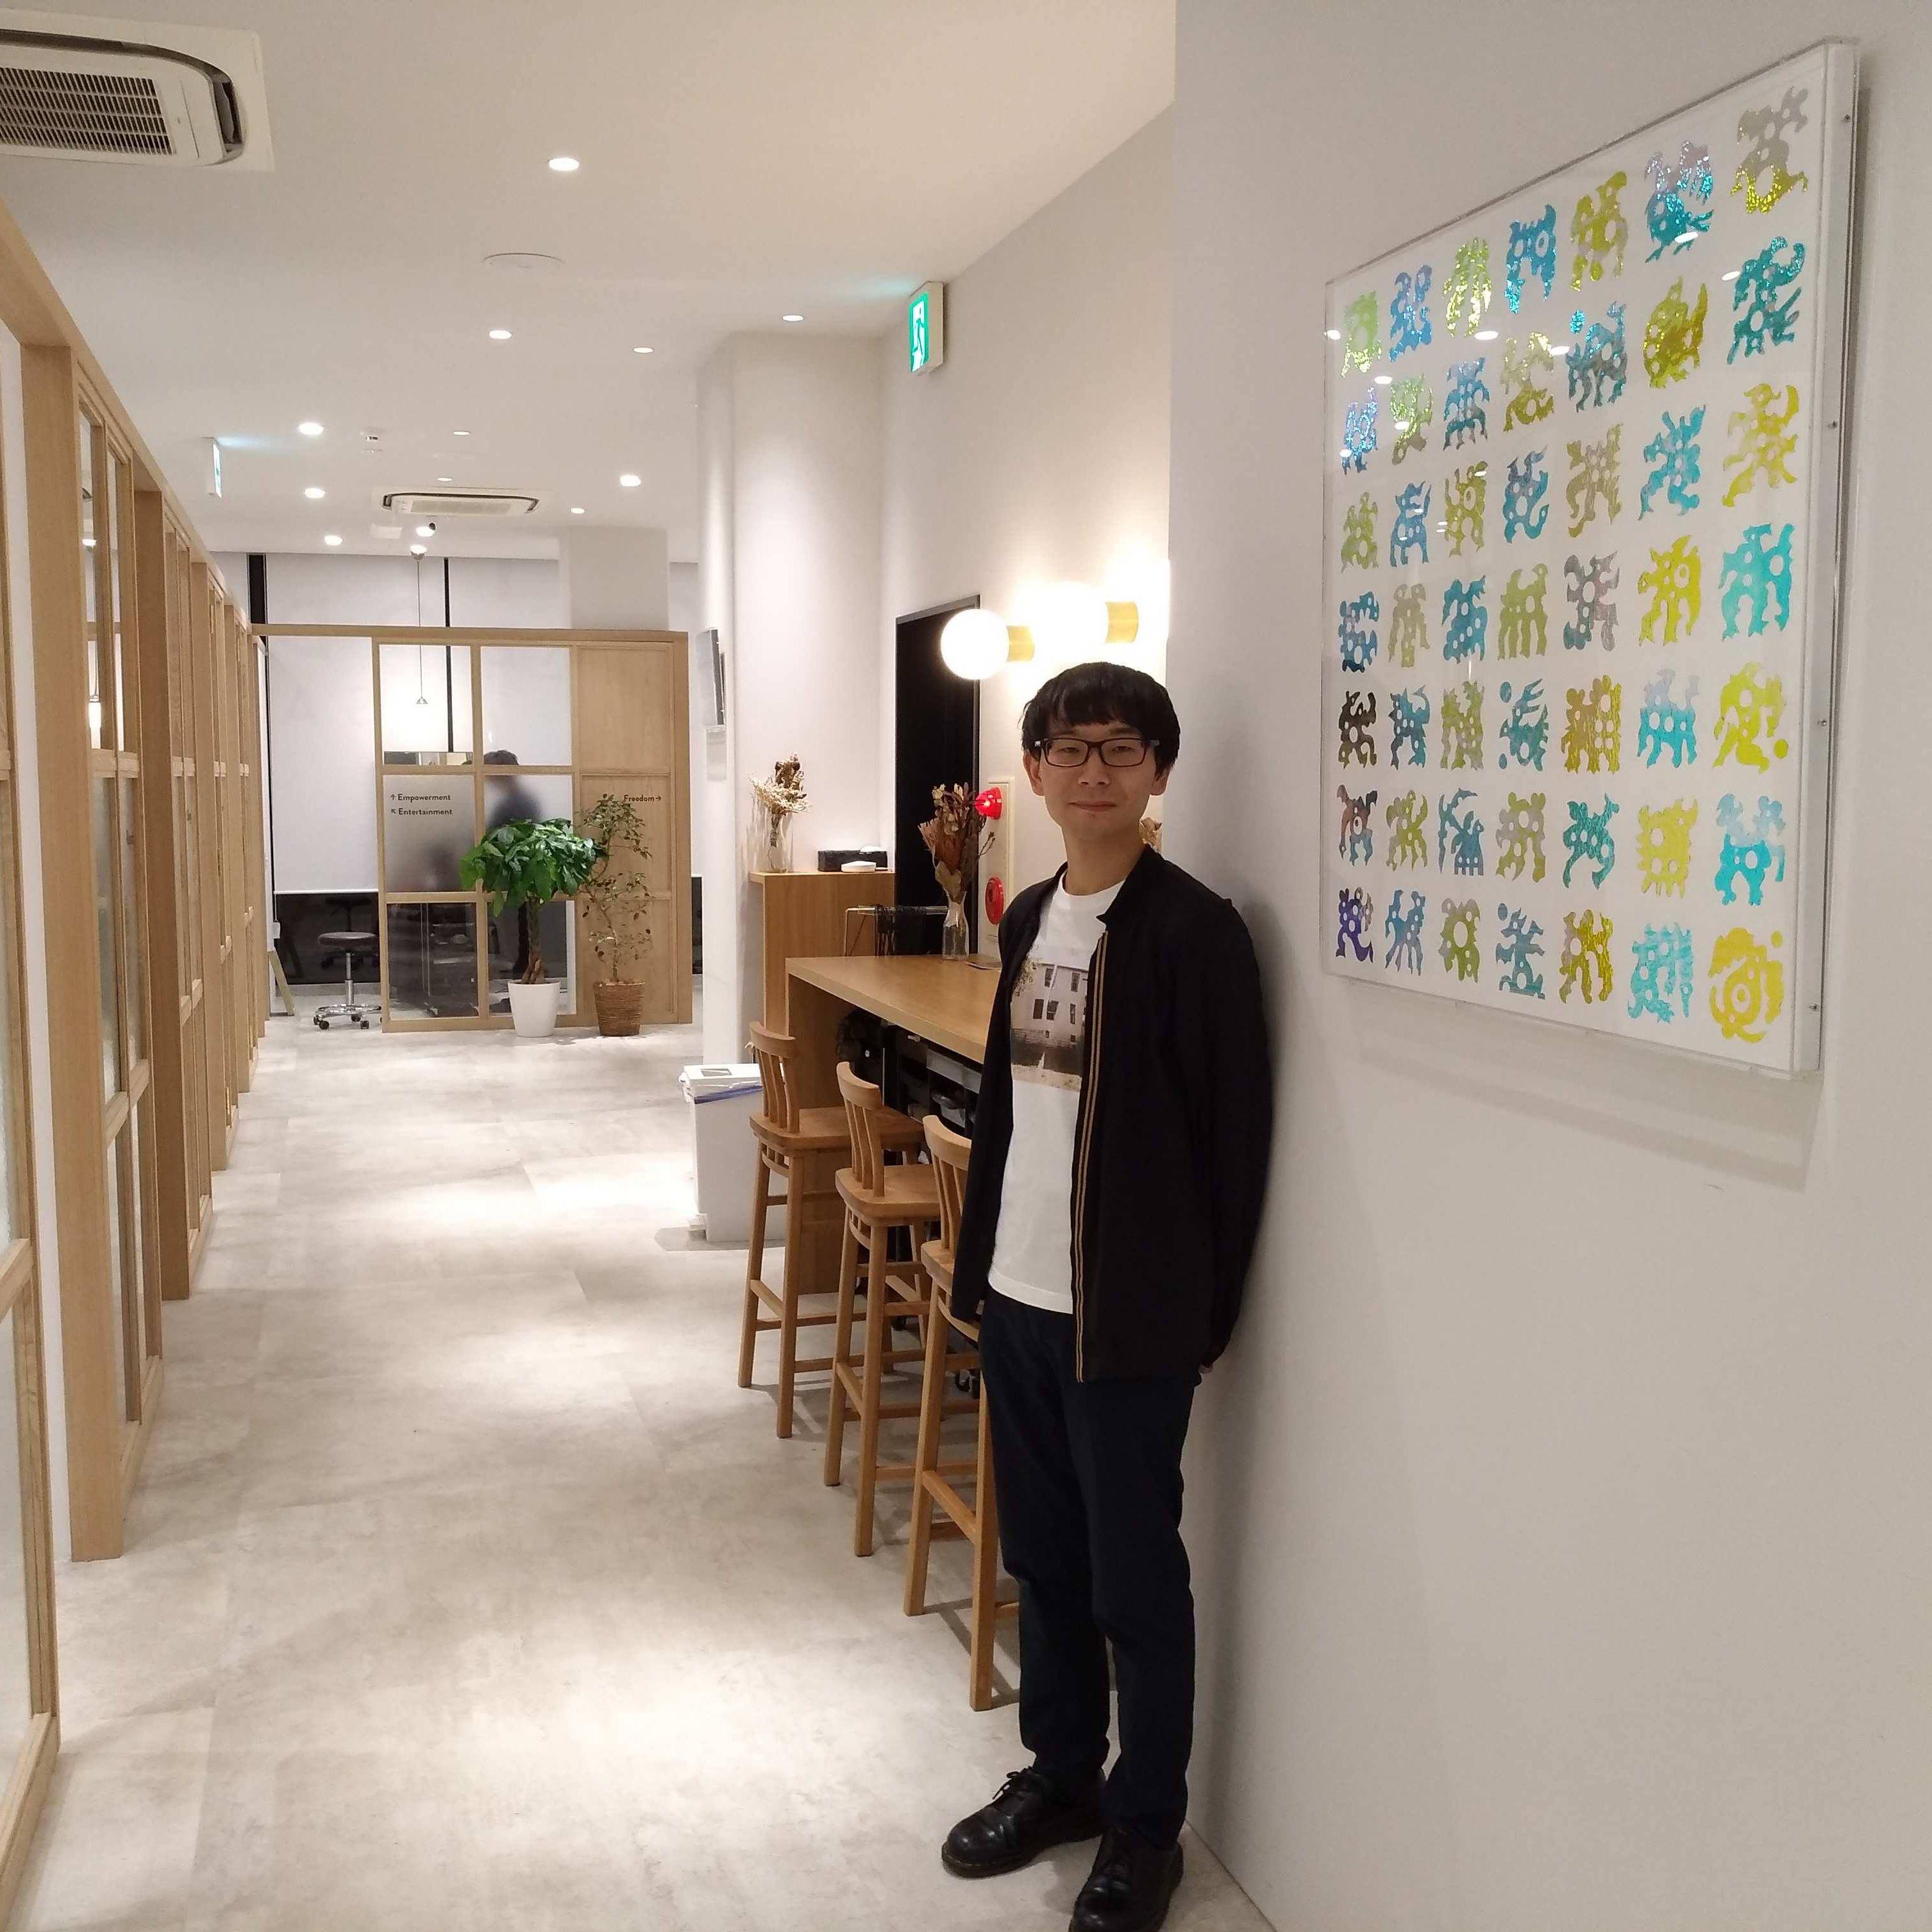 植田 爽介さんの作品4点、原宿の個室美容室に常設展示!